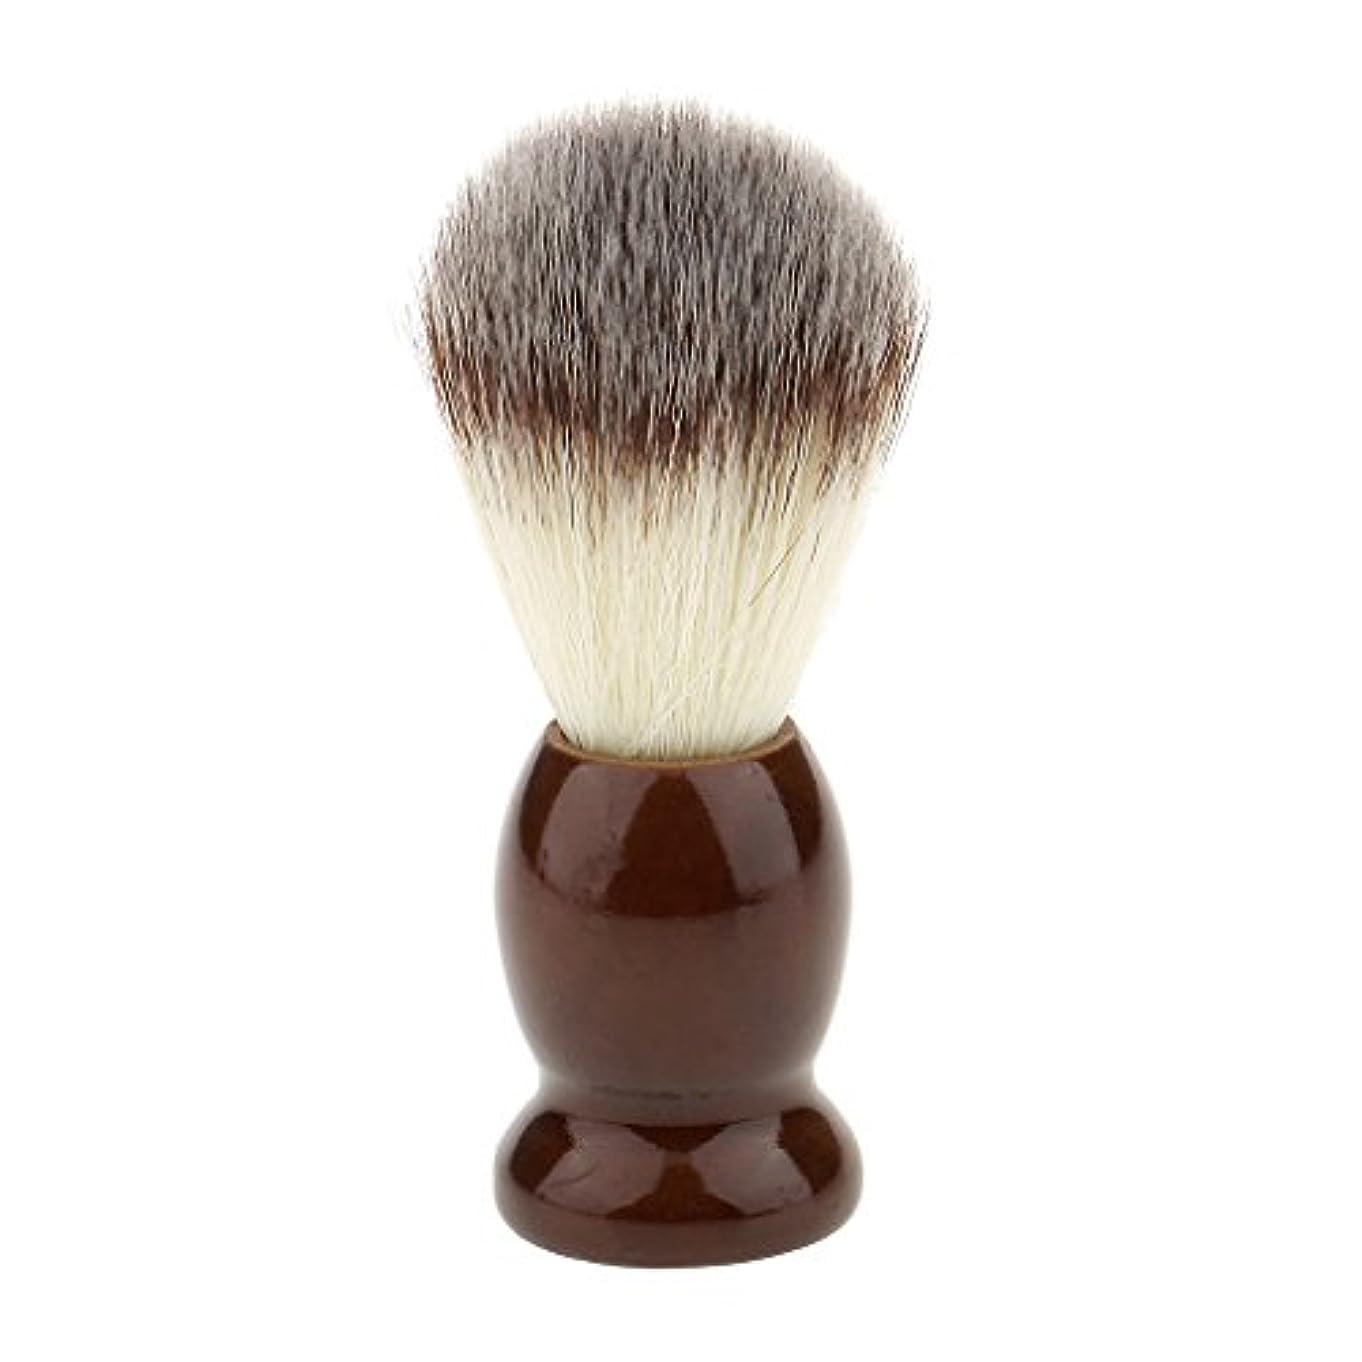 褒賞ブルゴーニュフォーラムKesoto ナイロン製 シェービングブラシ 柔らかい 理容  洗顔  髭剃り 便携 10.5cm  ブラウン